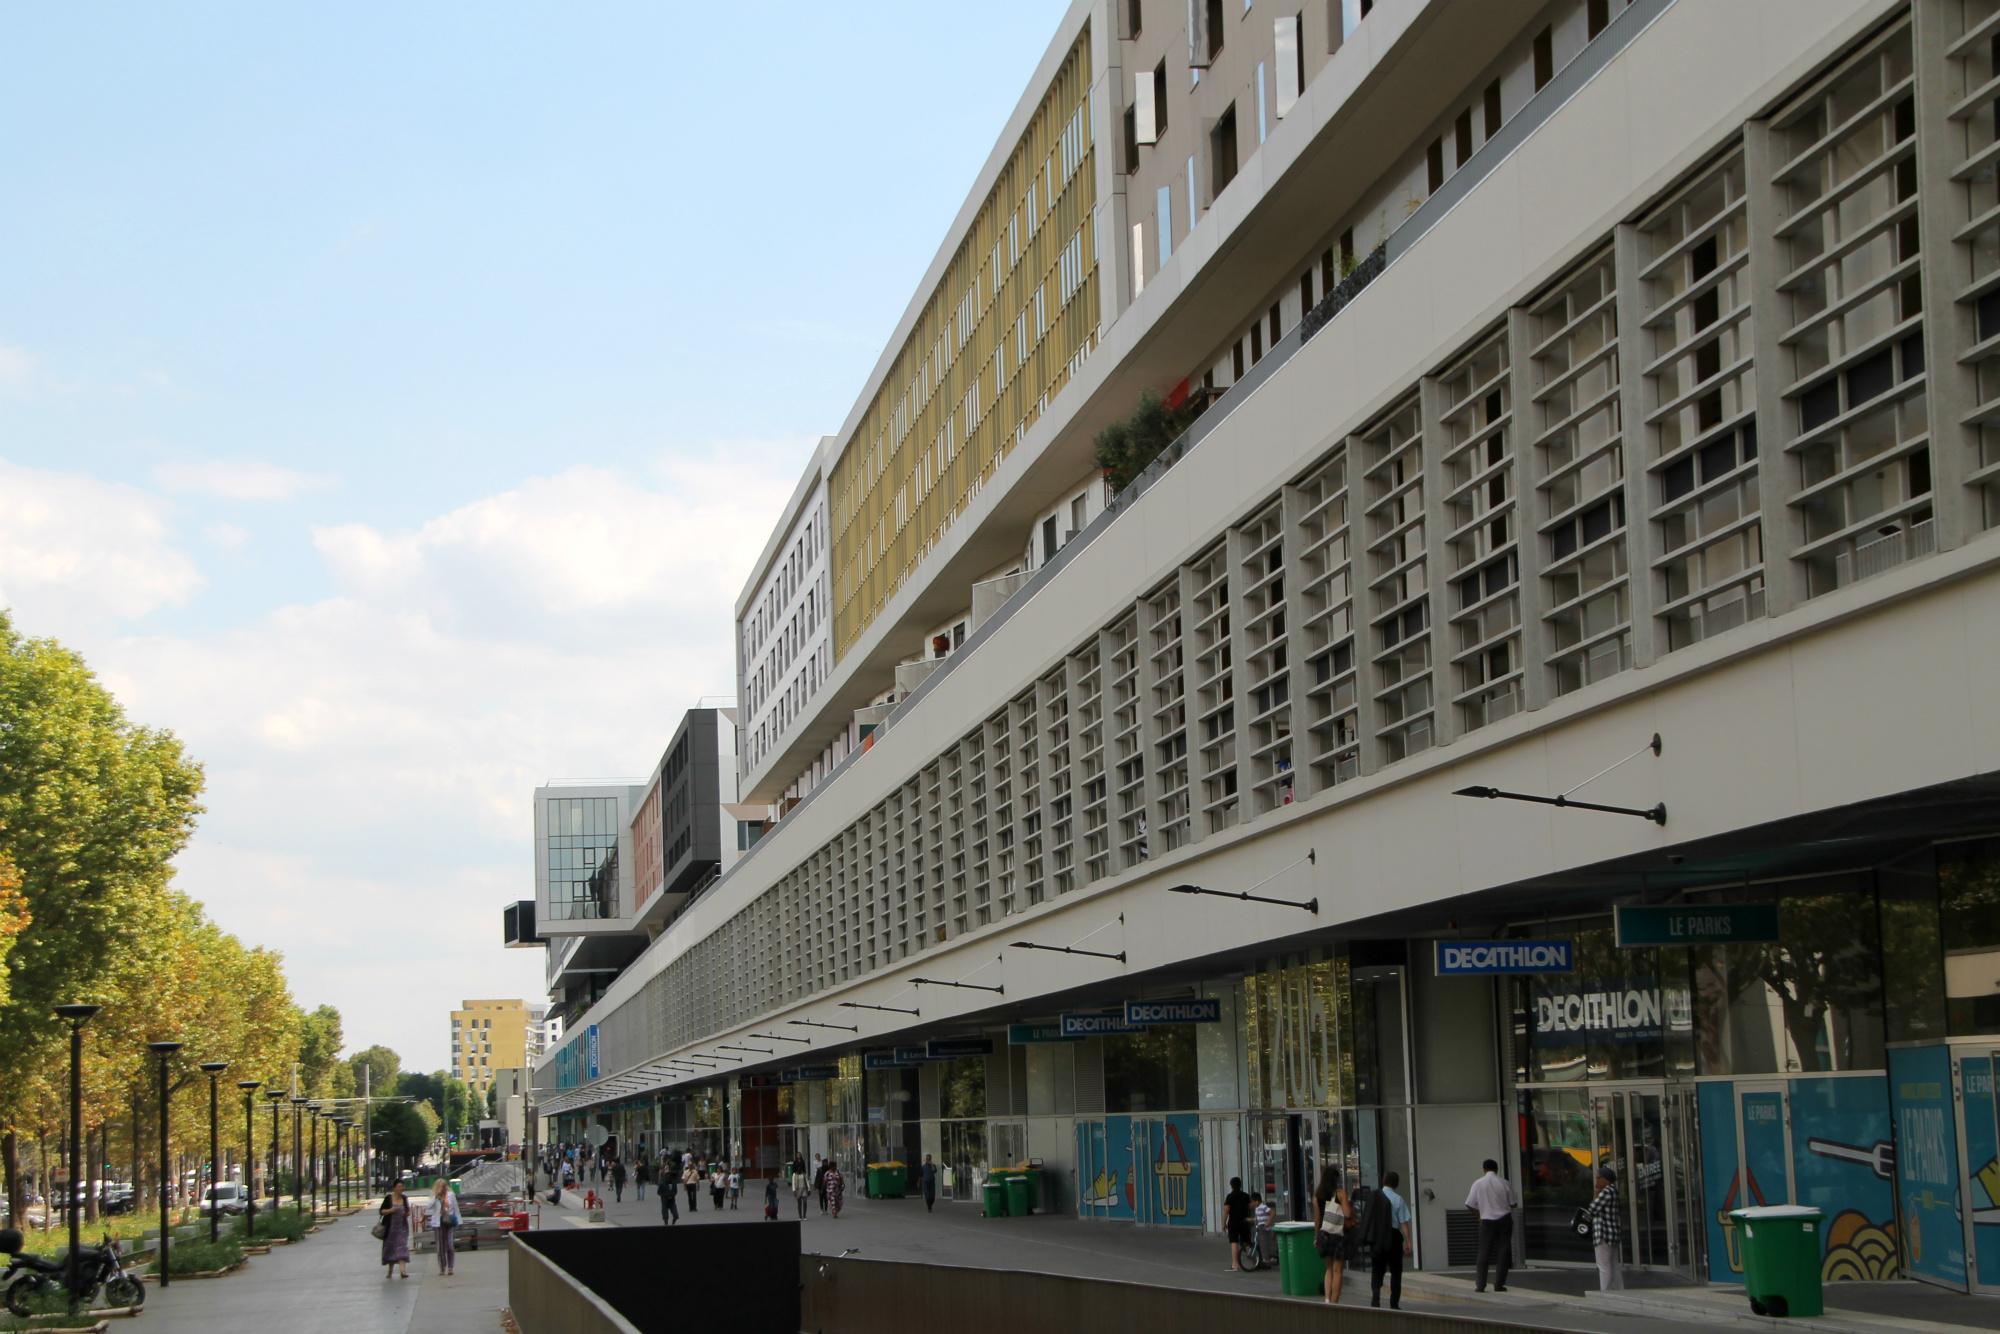 Quartier rosa parks macdonald paris 19 aubervilliers - Centre commercial porte d aubervilliers ...